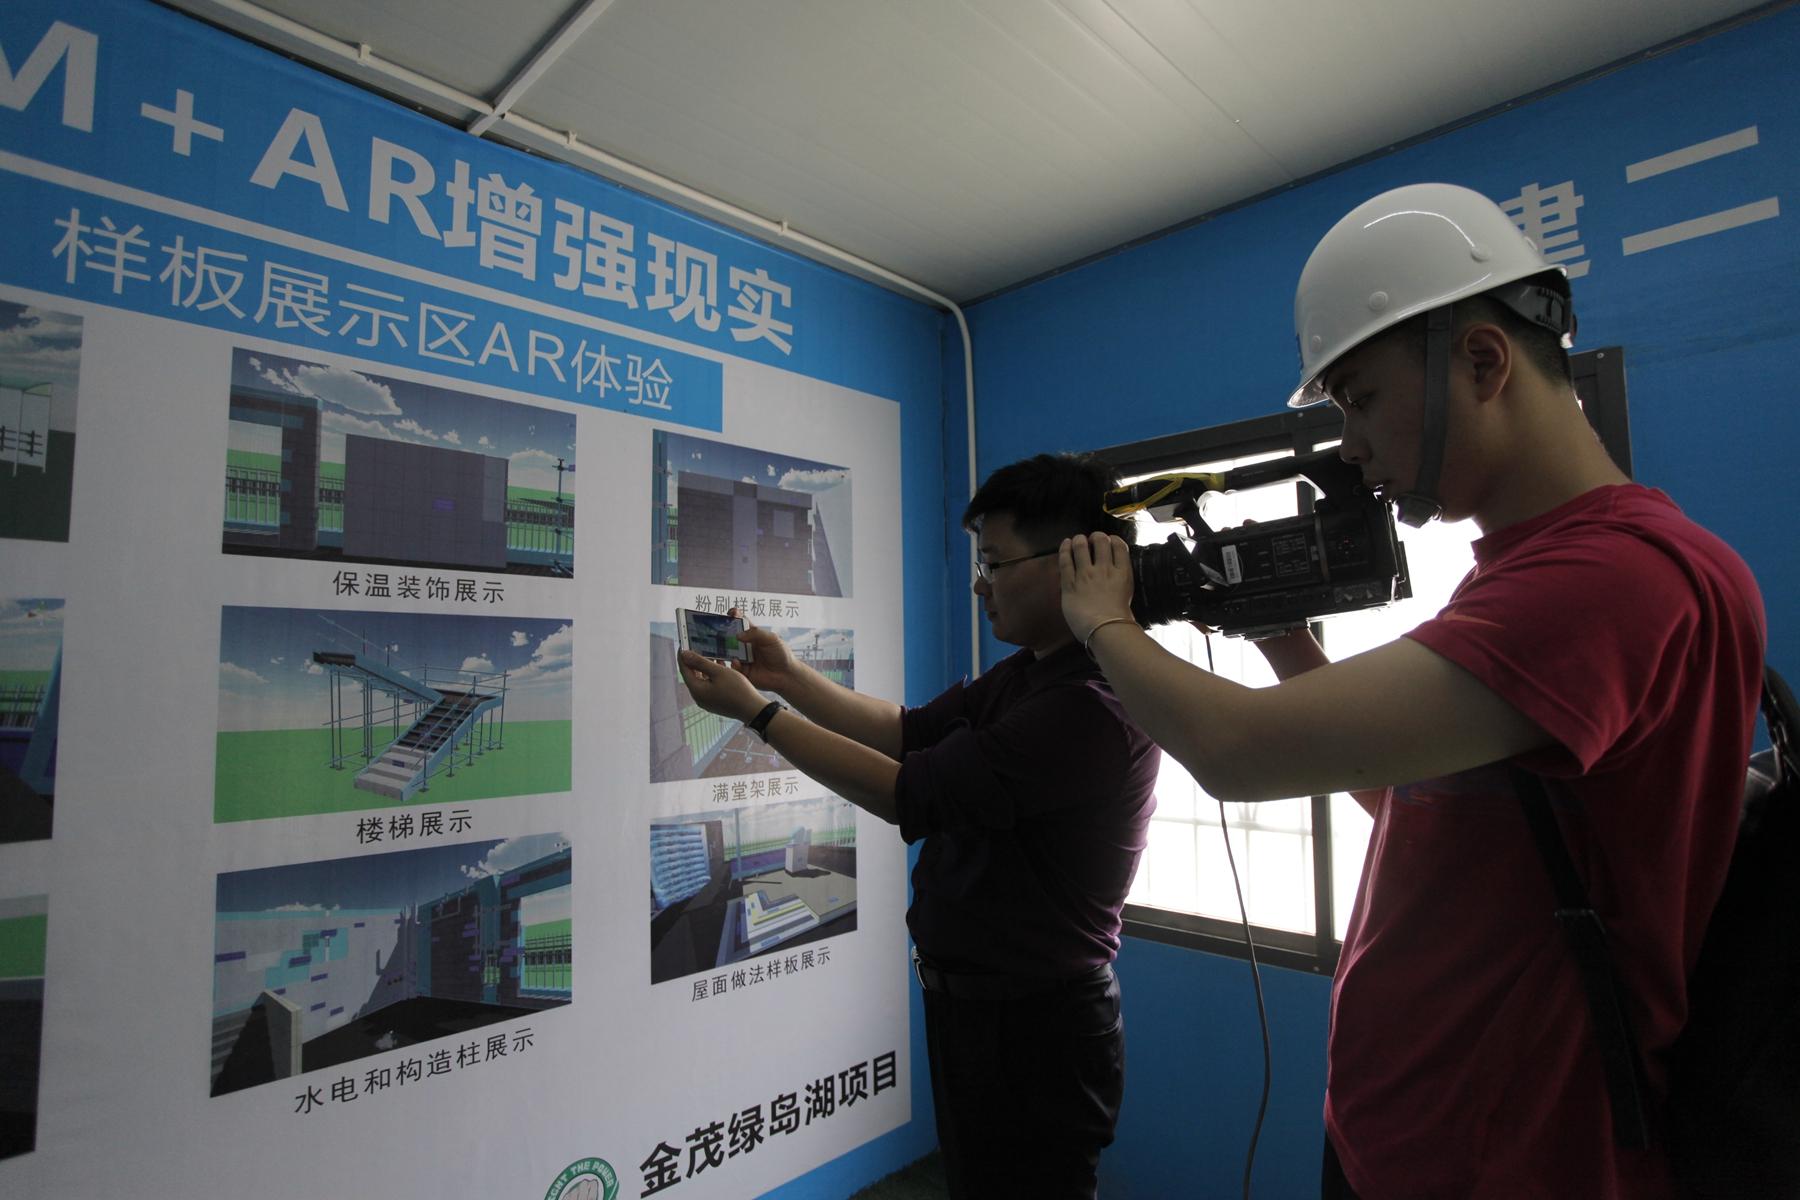 有的放矢!中建二局三公司建筑工地引进VR安全教育系统(图文)